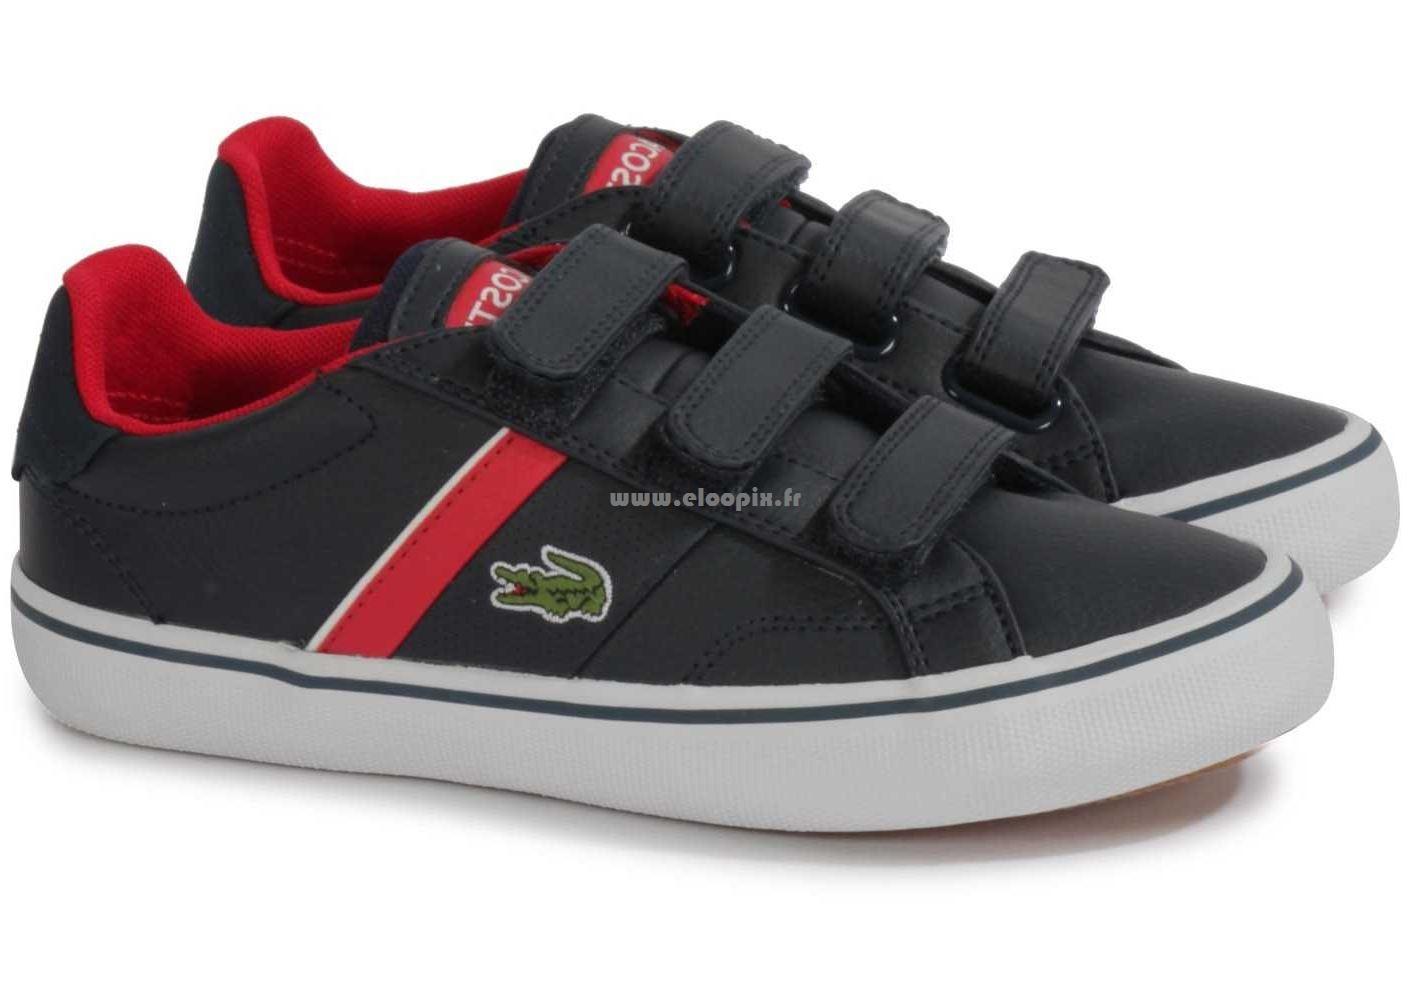 64c5c3f11f élégant Lacoste Lacoste Enfant Light Jr Rouge - , Chaussures BV44055 Lacoste  - Chaussure bébé/enfant straightset lace wht NC - pas cher Achat / Vente ...